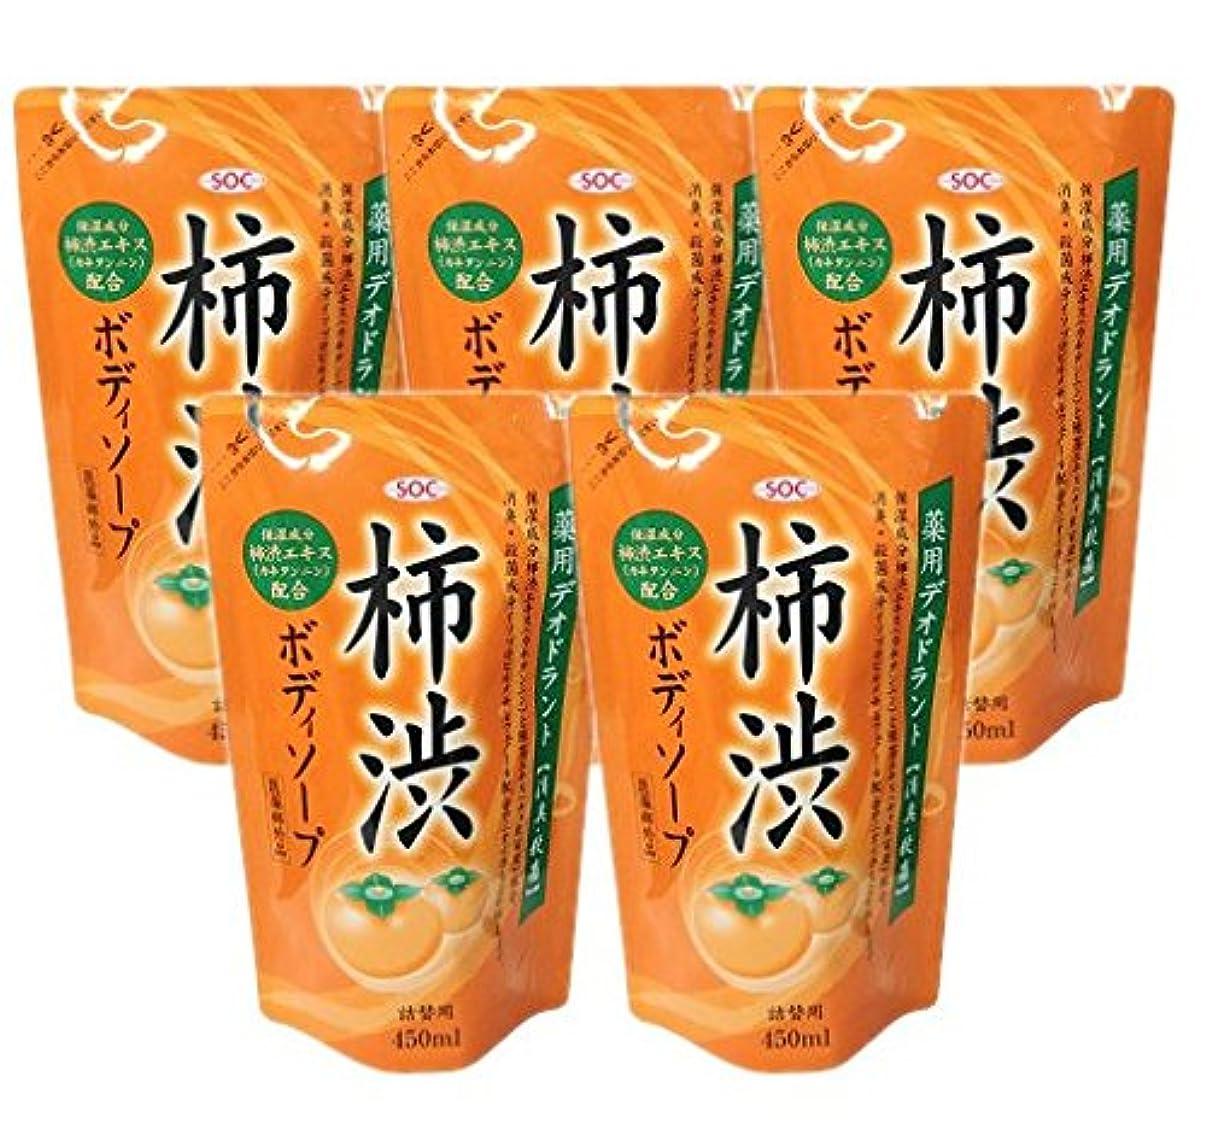 同一のからかう言い直す【5袋セット】 薬用柿渋ボディソープ 詰替 ( 450mL )/ SOC ( ボディウォッシュ )